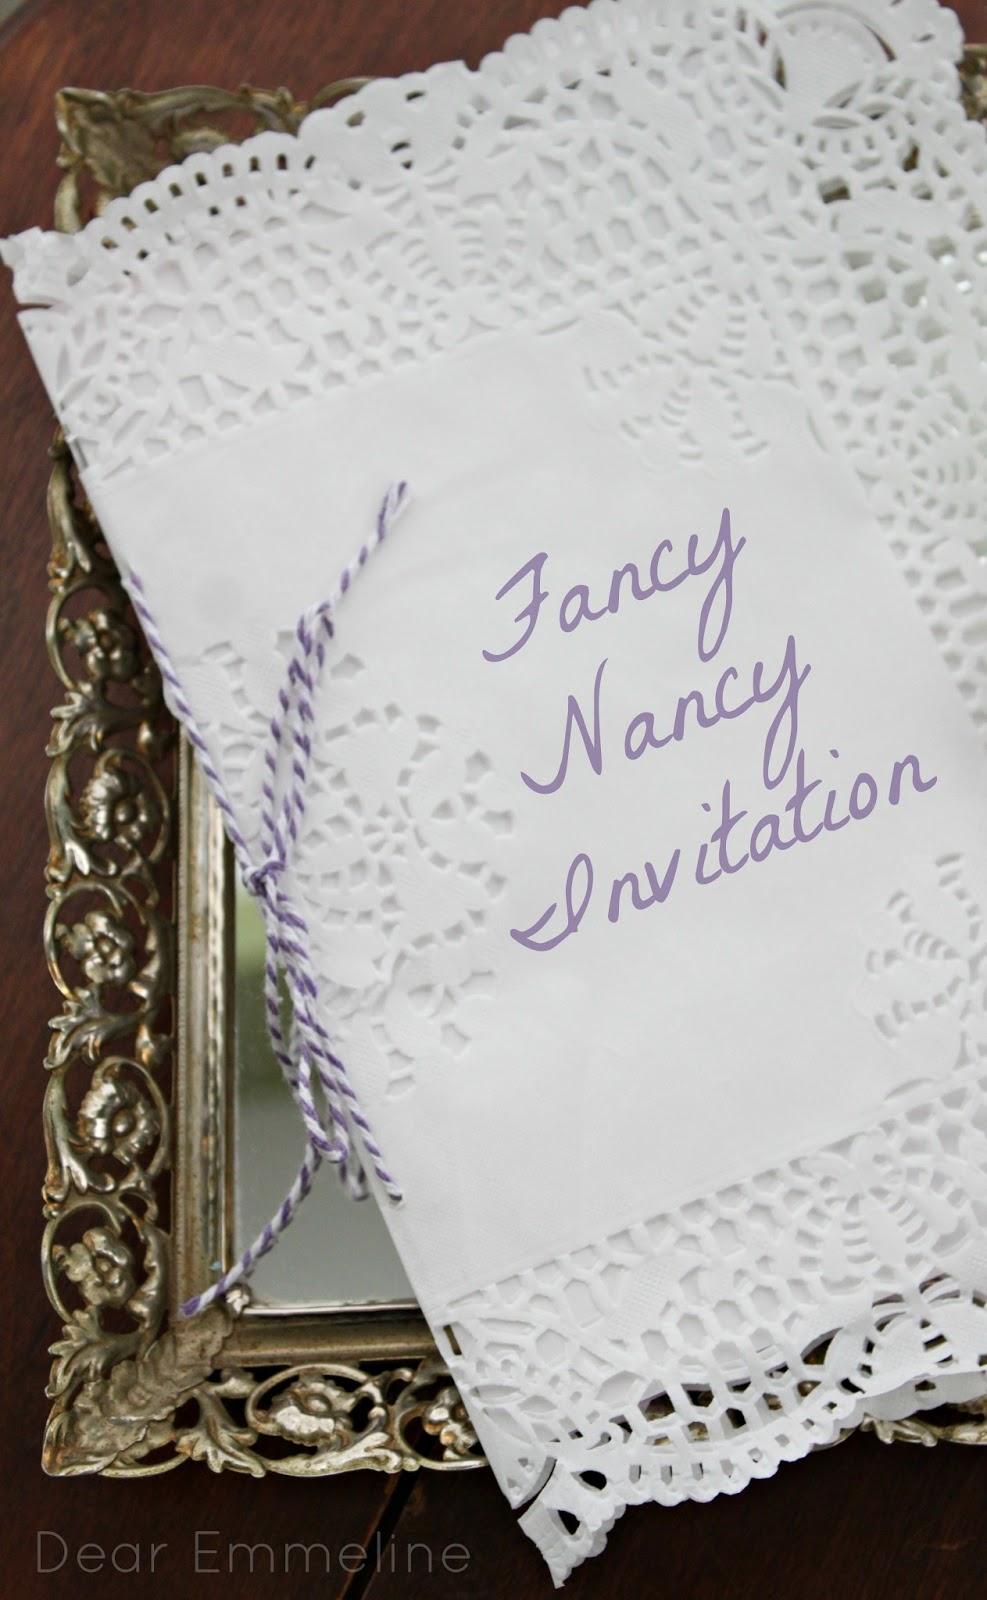 Paper Doily Invitation {Fancy Nancy Party}